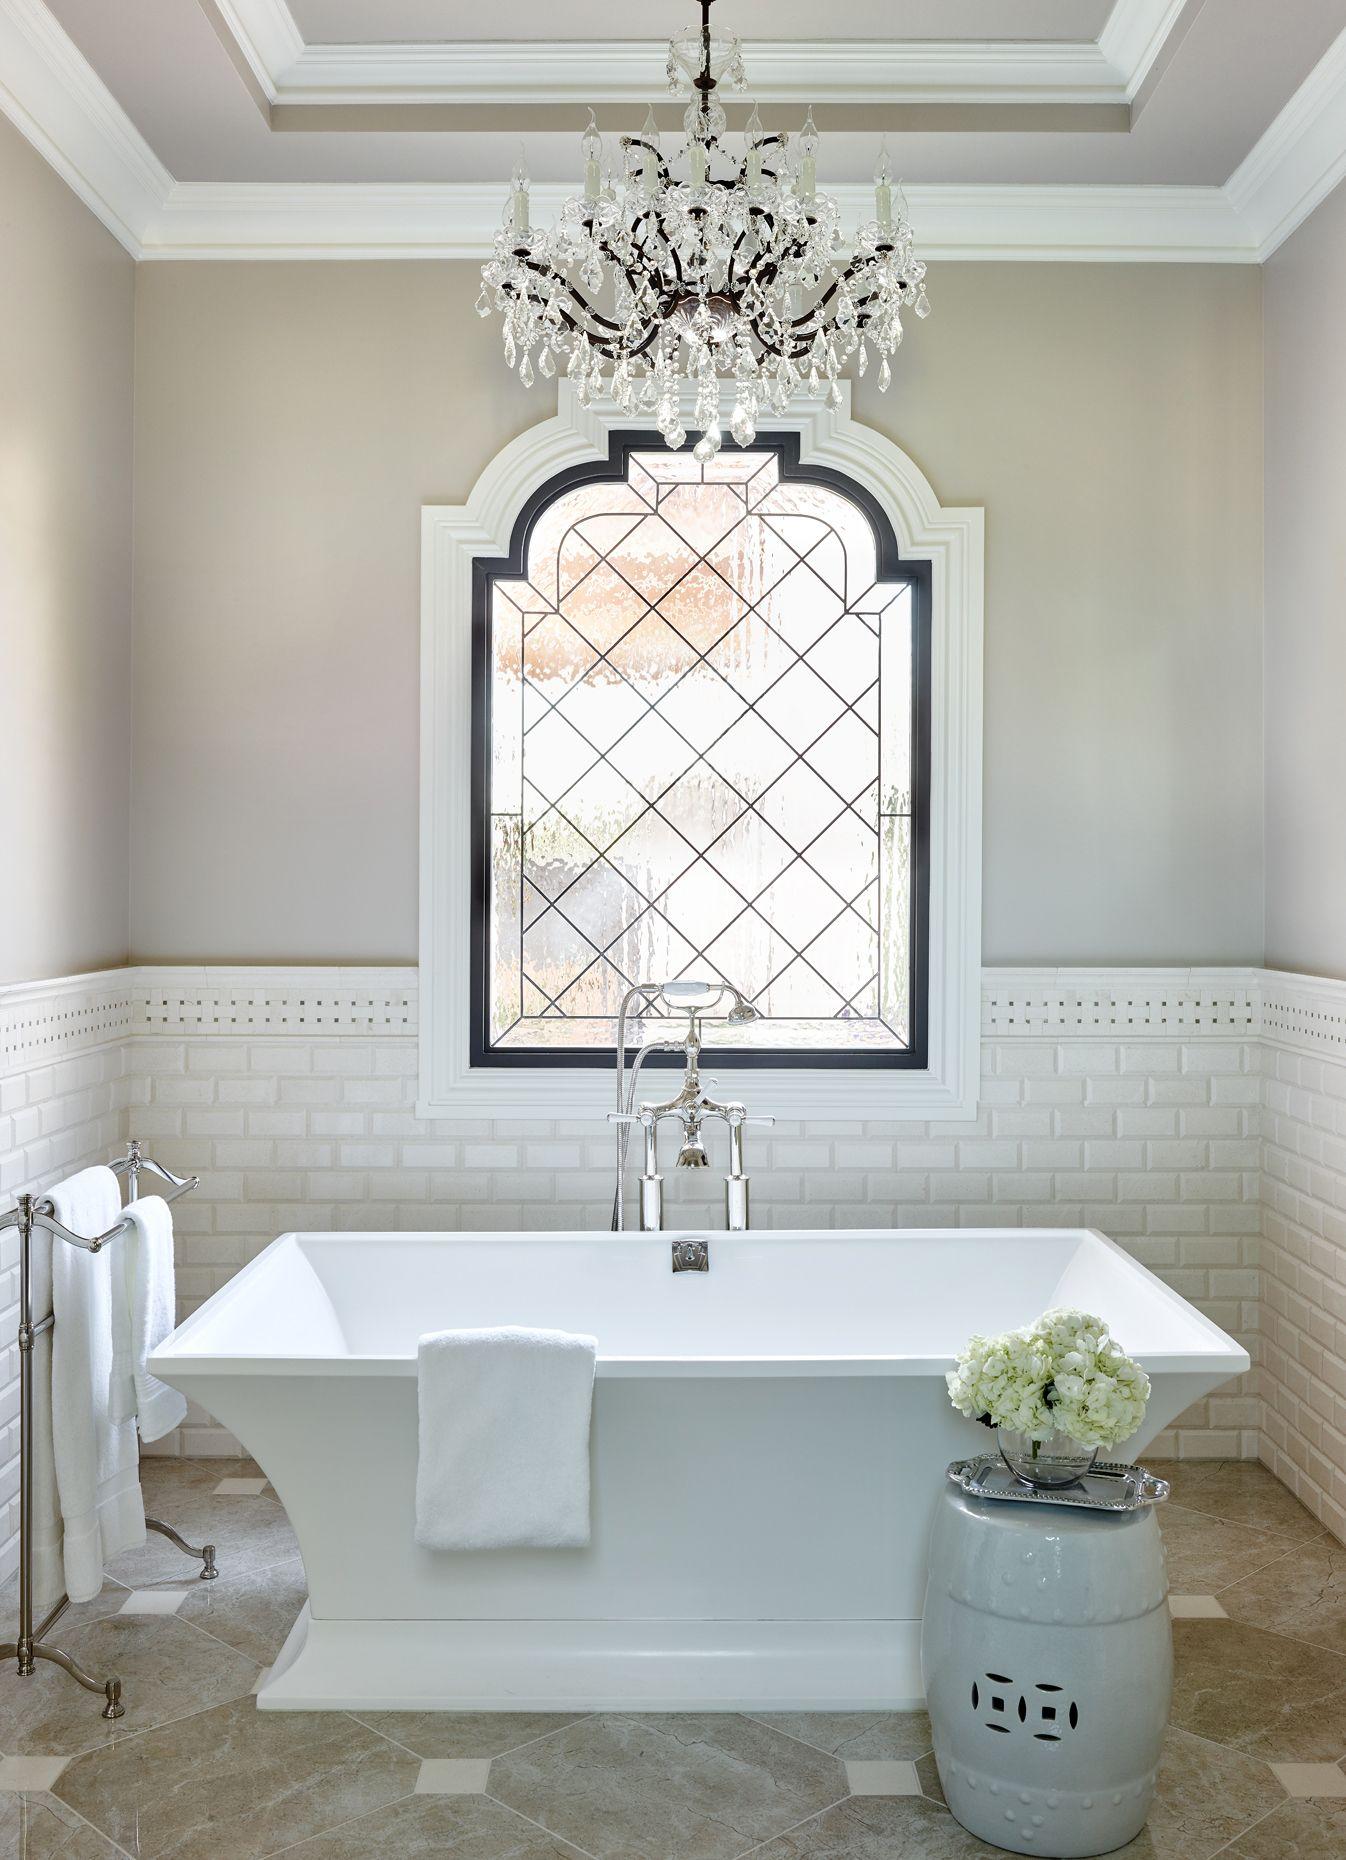 Luxury Bathroom with Chandelier over tub  Amazing